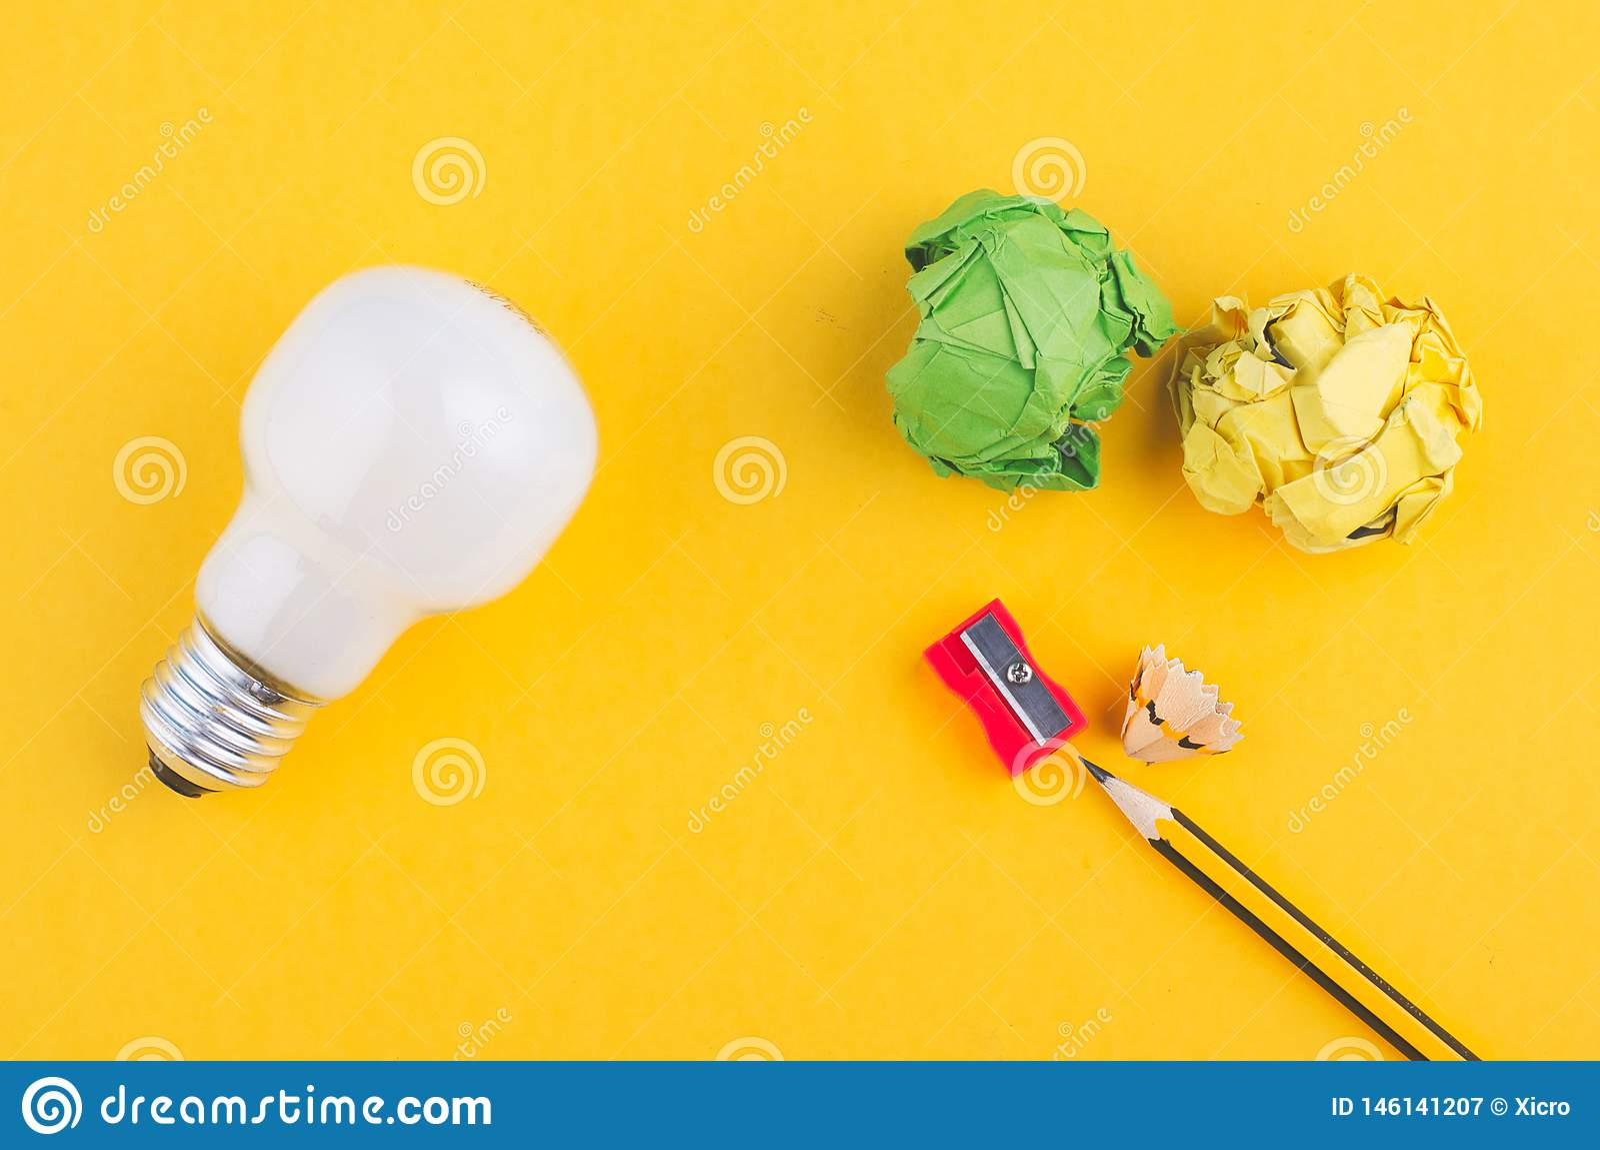 Το μολύβι, τσαλακώνει το έγγραφο και το βολβό πέρα από το κίτρινο υπόβαθρο